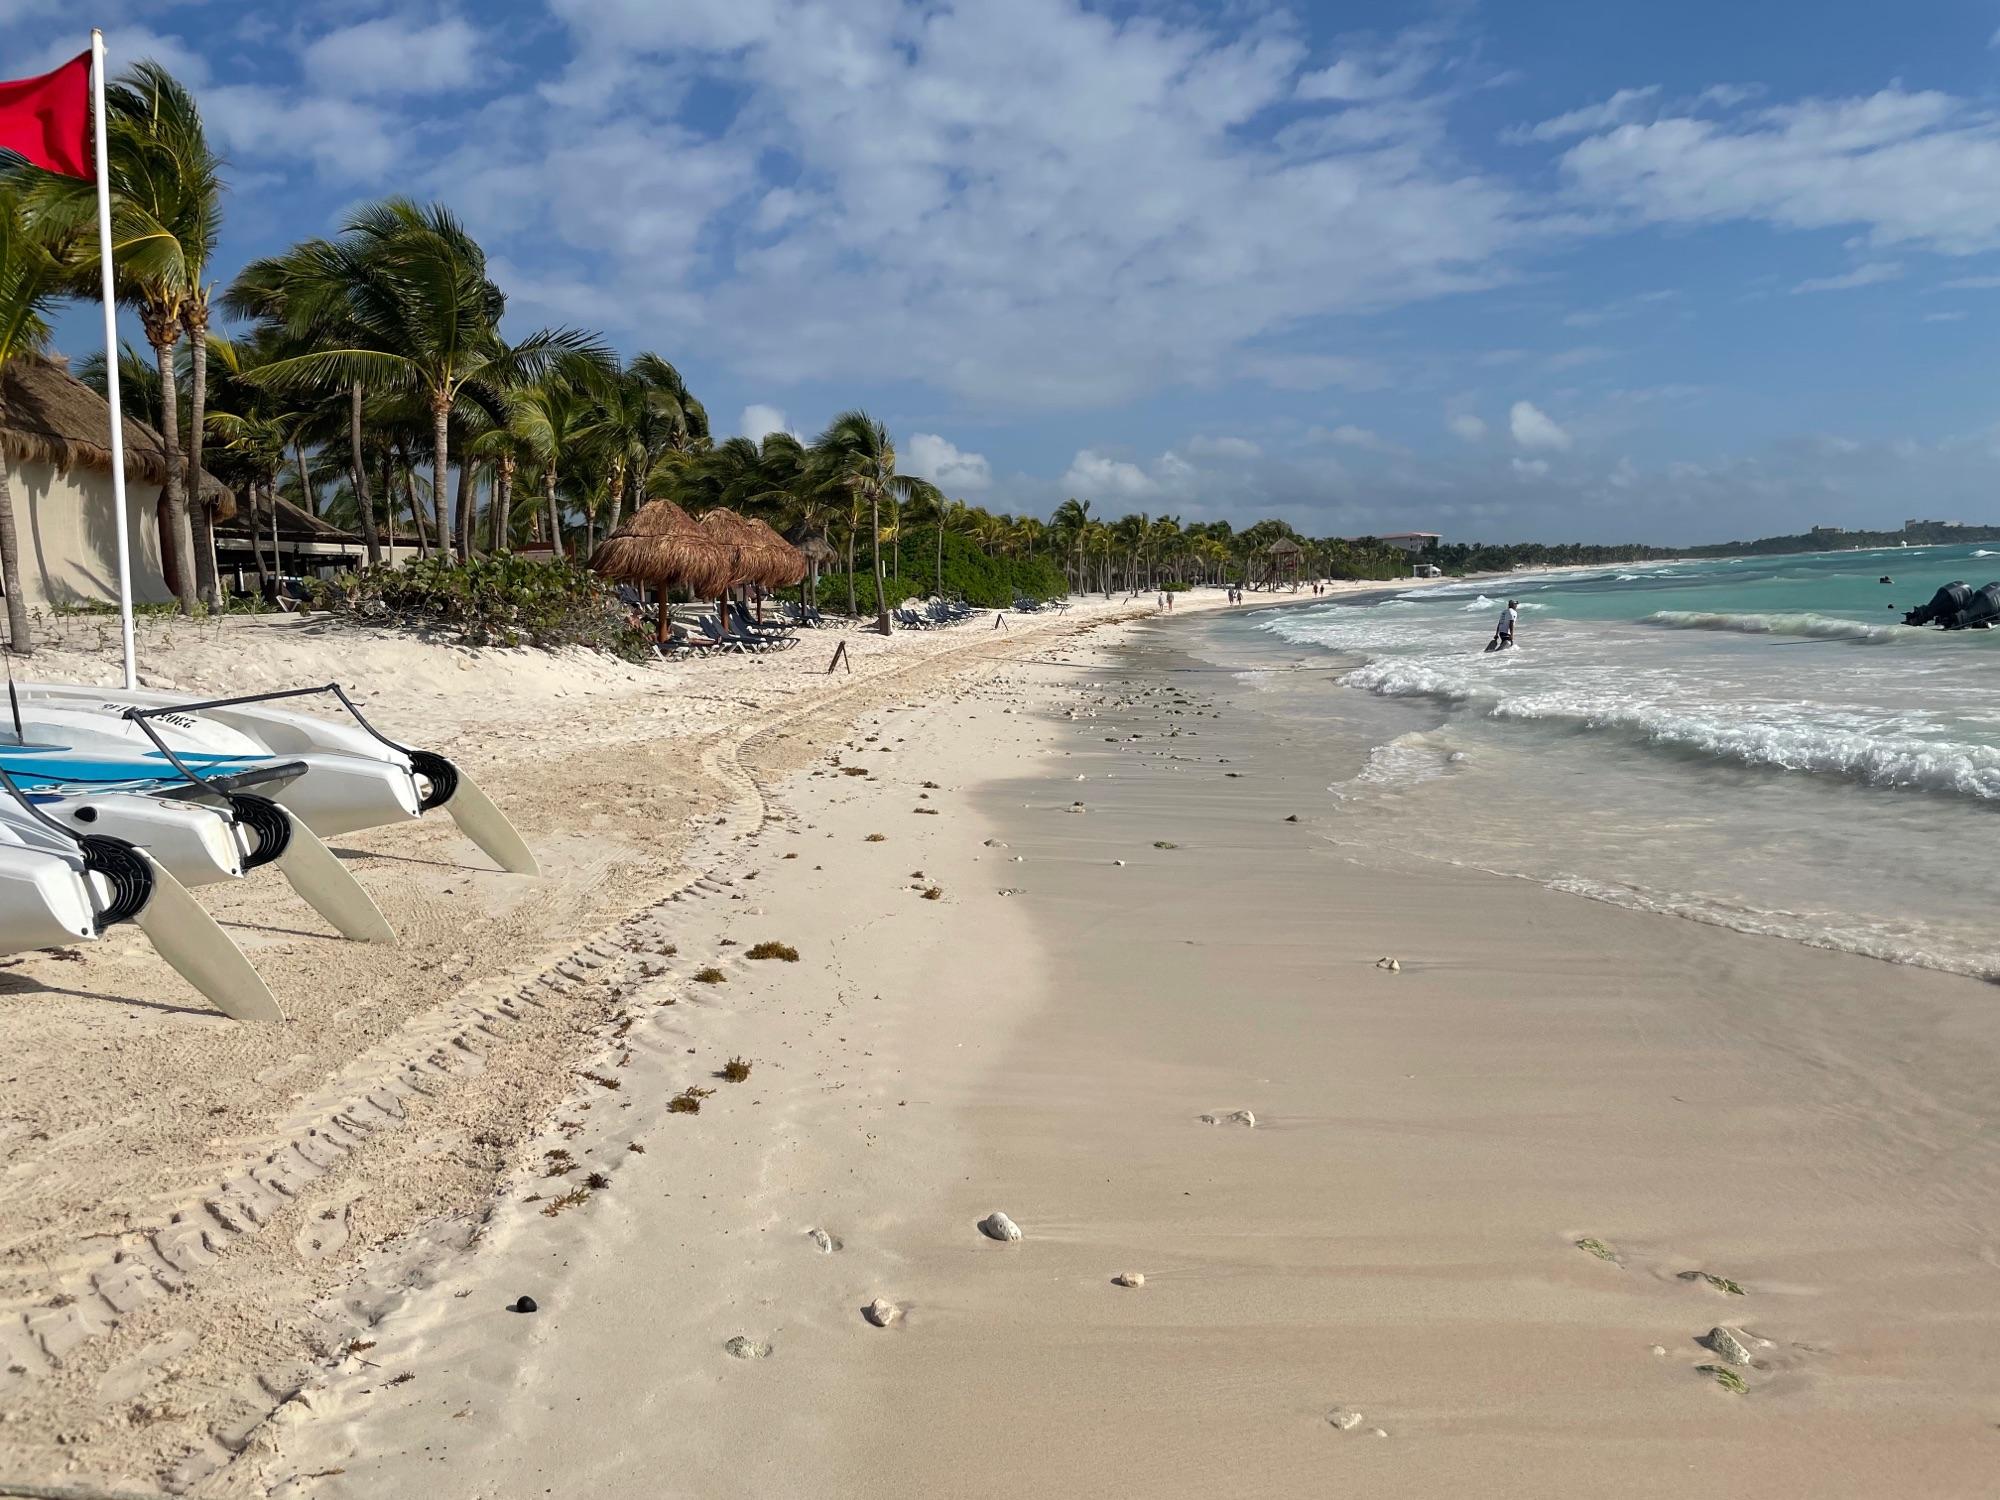 Теперь и в Мексике. Странное чувство эксклюзивного отдыха, все только для тебя.